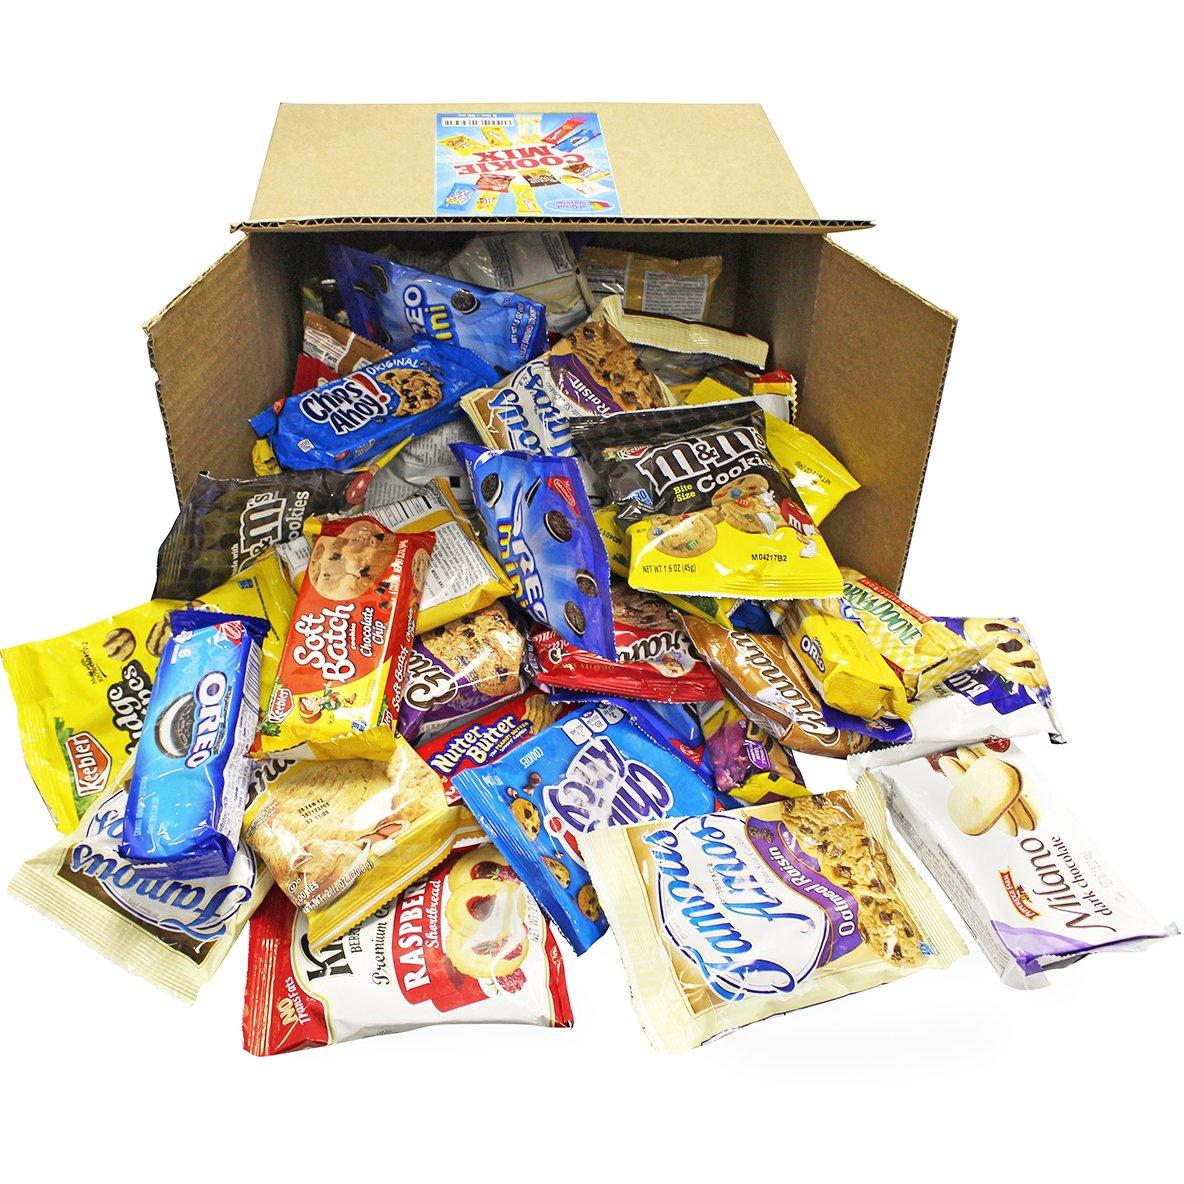 A Great Surprise Variedad de cookies Pack surtido individualmente incluyendo: Galletas Oreo, Keebler, galletas de la abuela: Amazon.es: Hogar